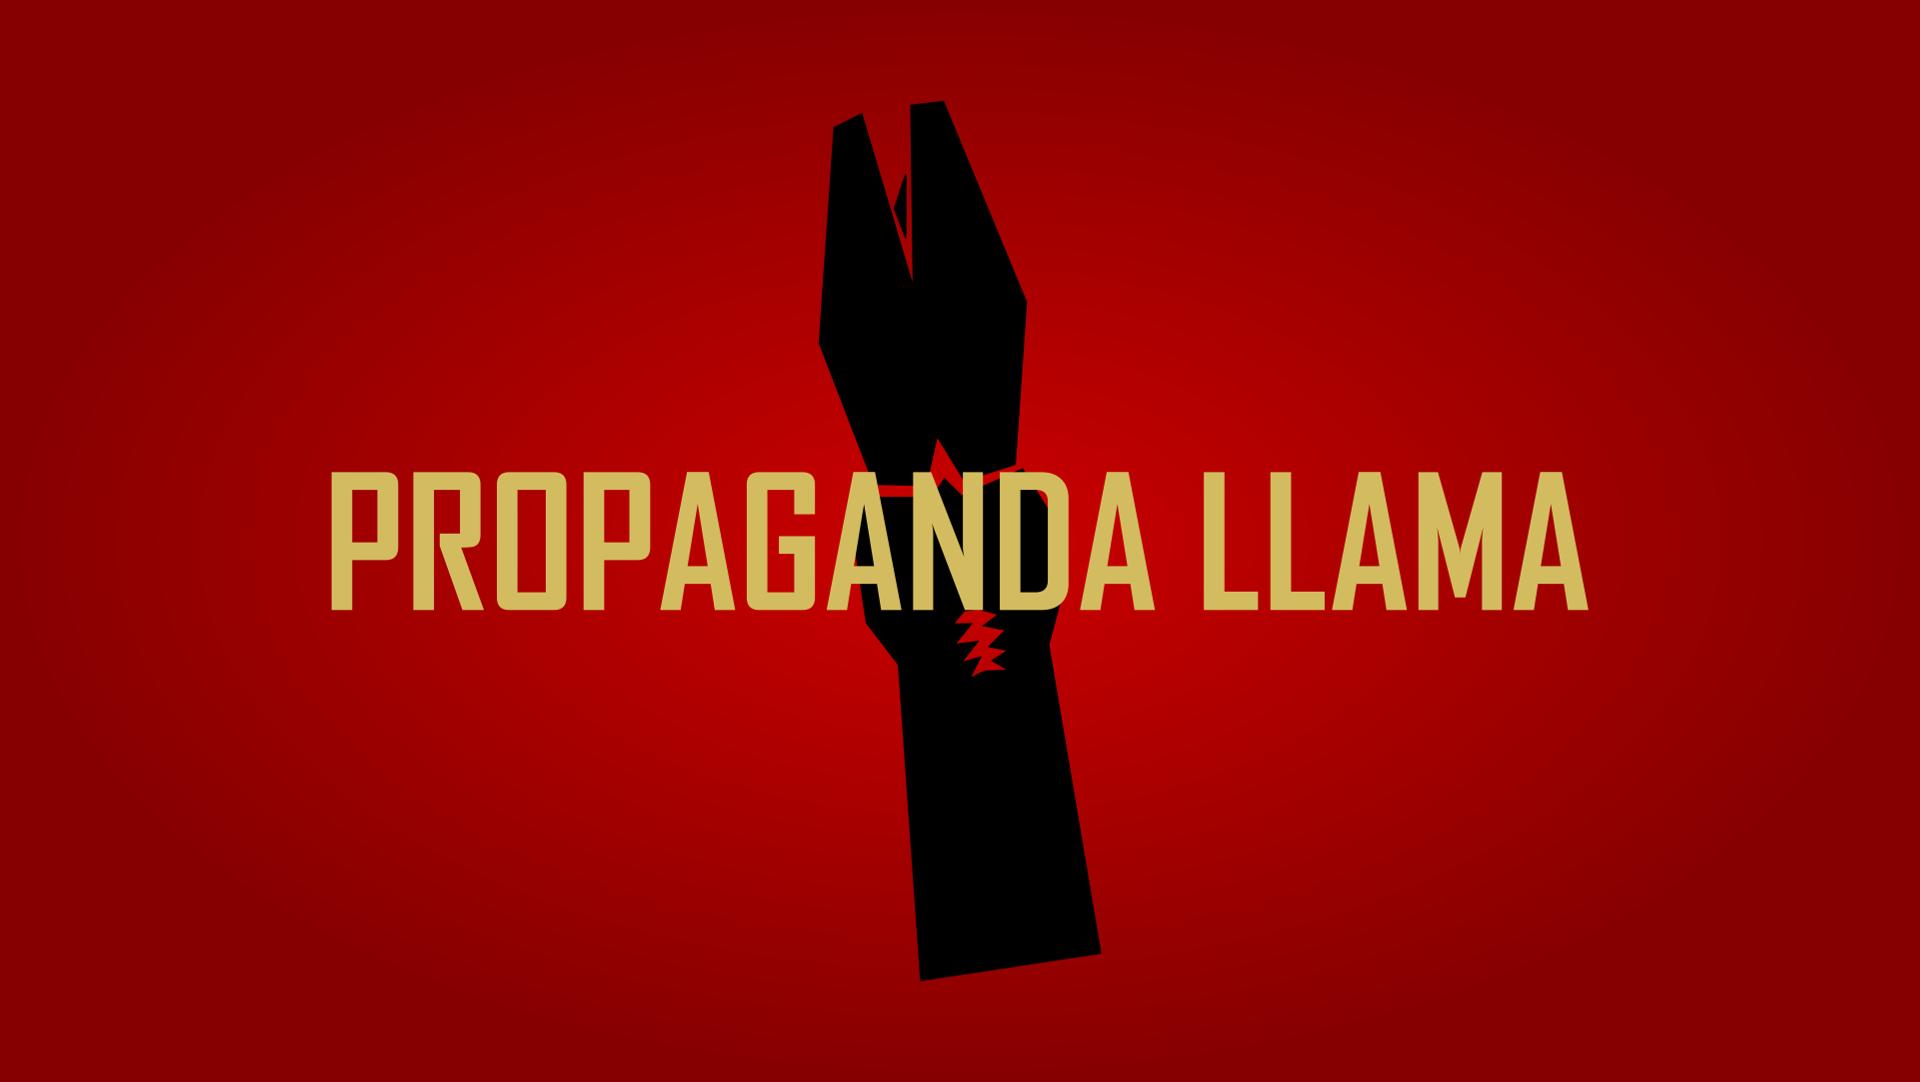 Propaganda Llama